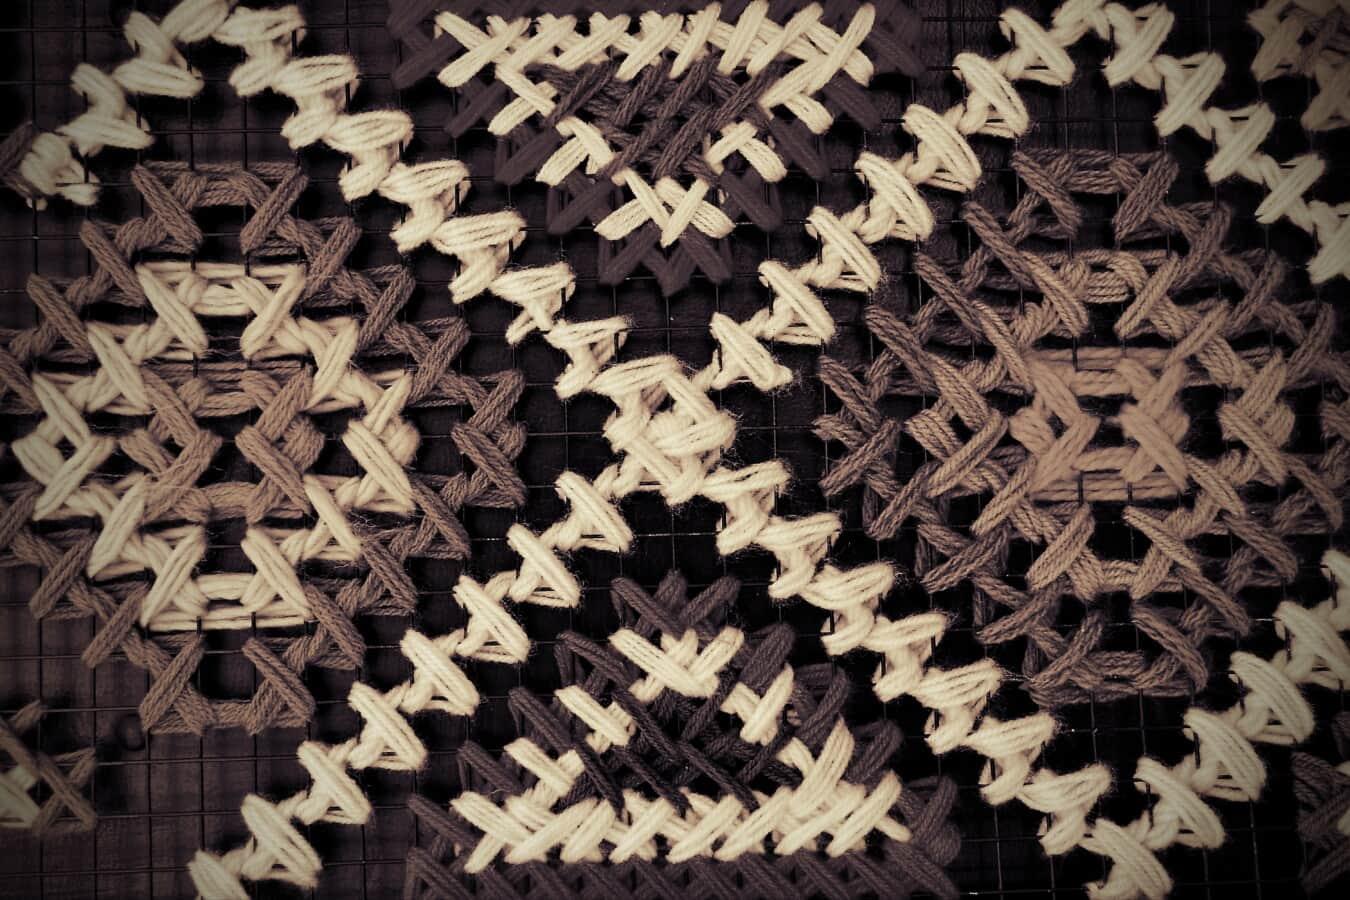 nod, textura, ambarcaţiuni, lână, tricotat, lucrate manual, fibra, sepia, stil vechi, model